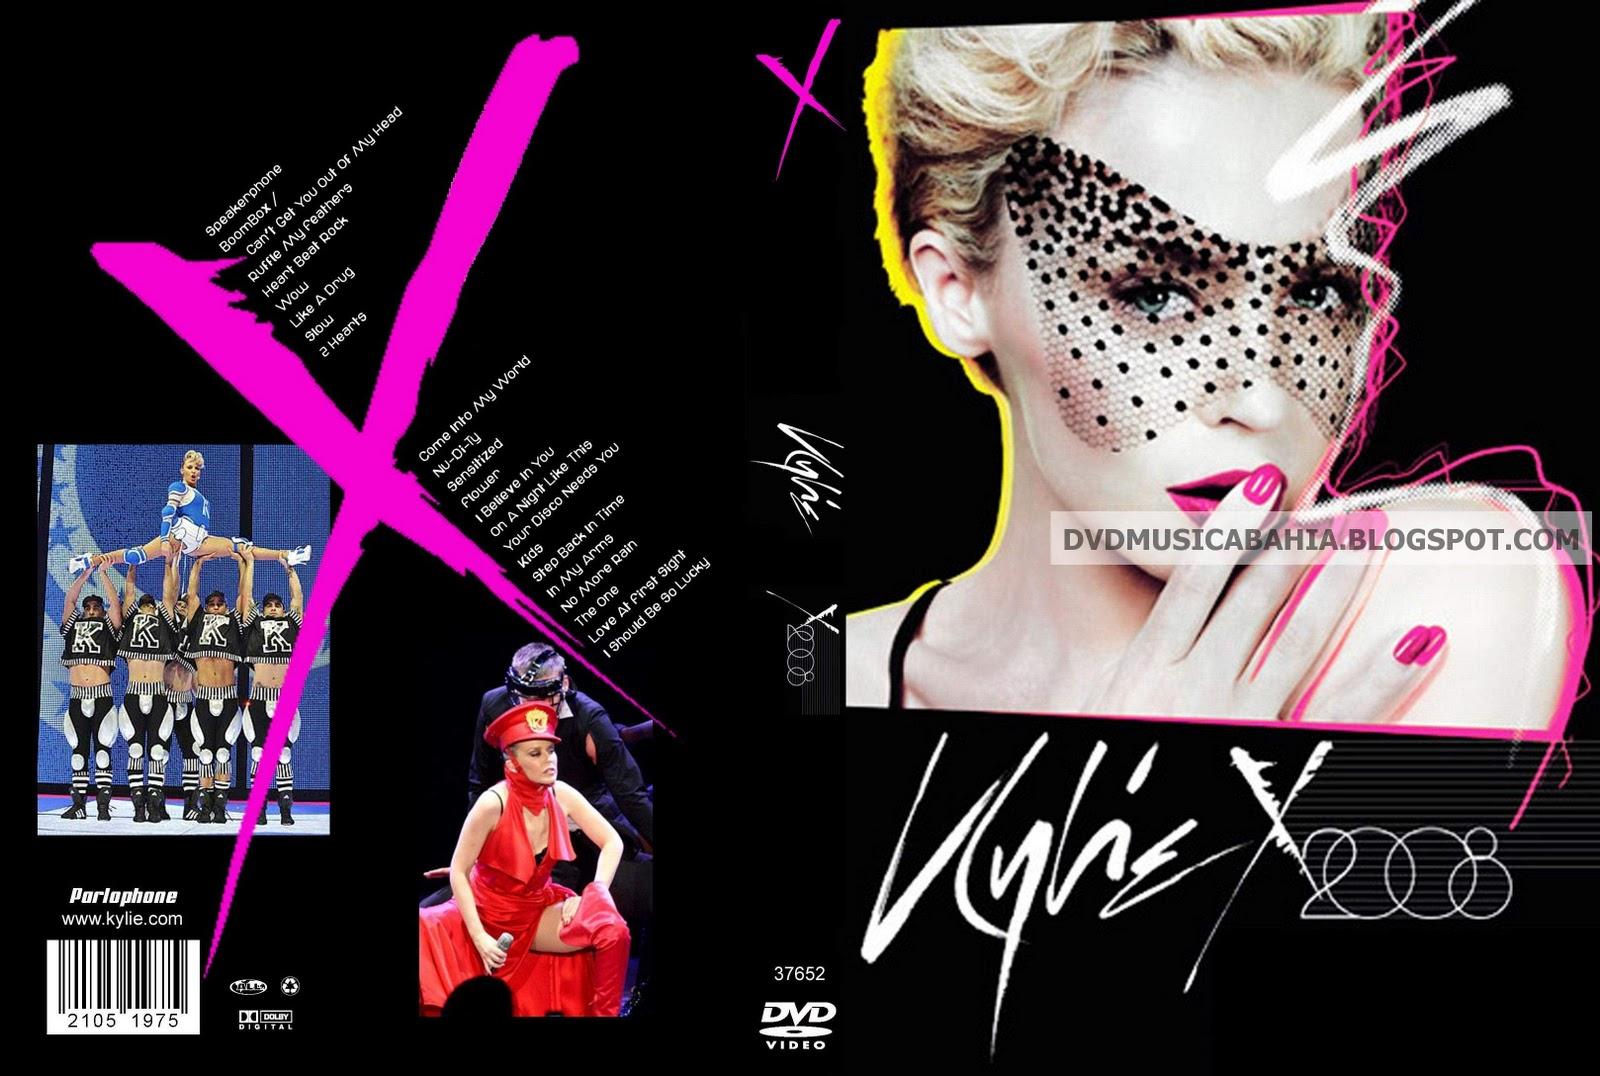 http://2.bp.blogspot.com/_PiUVny6RPwY/TSkdZk6jwPI/AAAAAAAABZk/-vCSoYF0ZBg/s1600/Kylie+Minogue+-+Kylie+X2008+Live.jpg